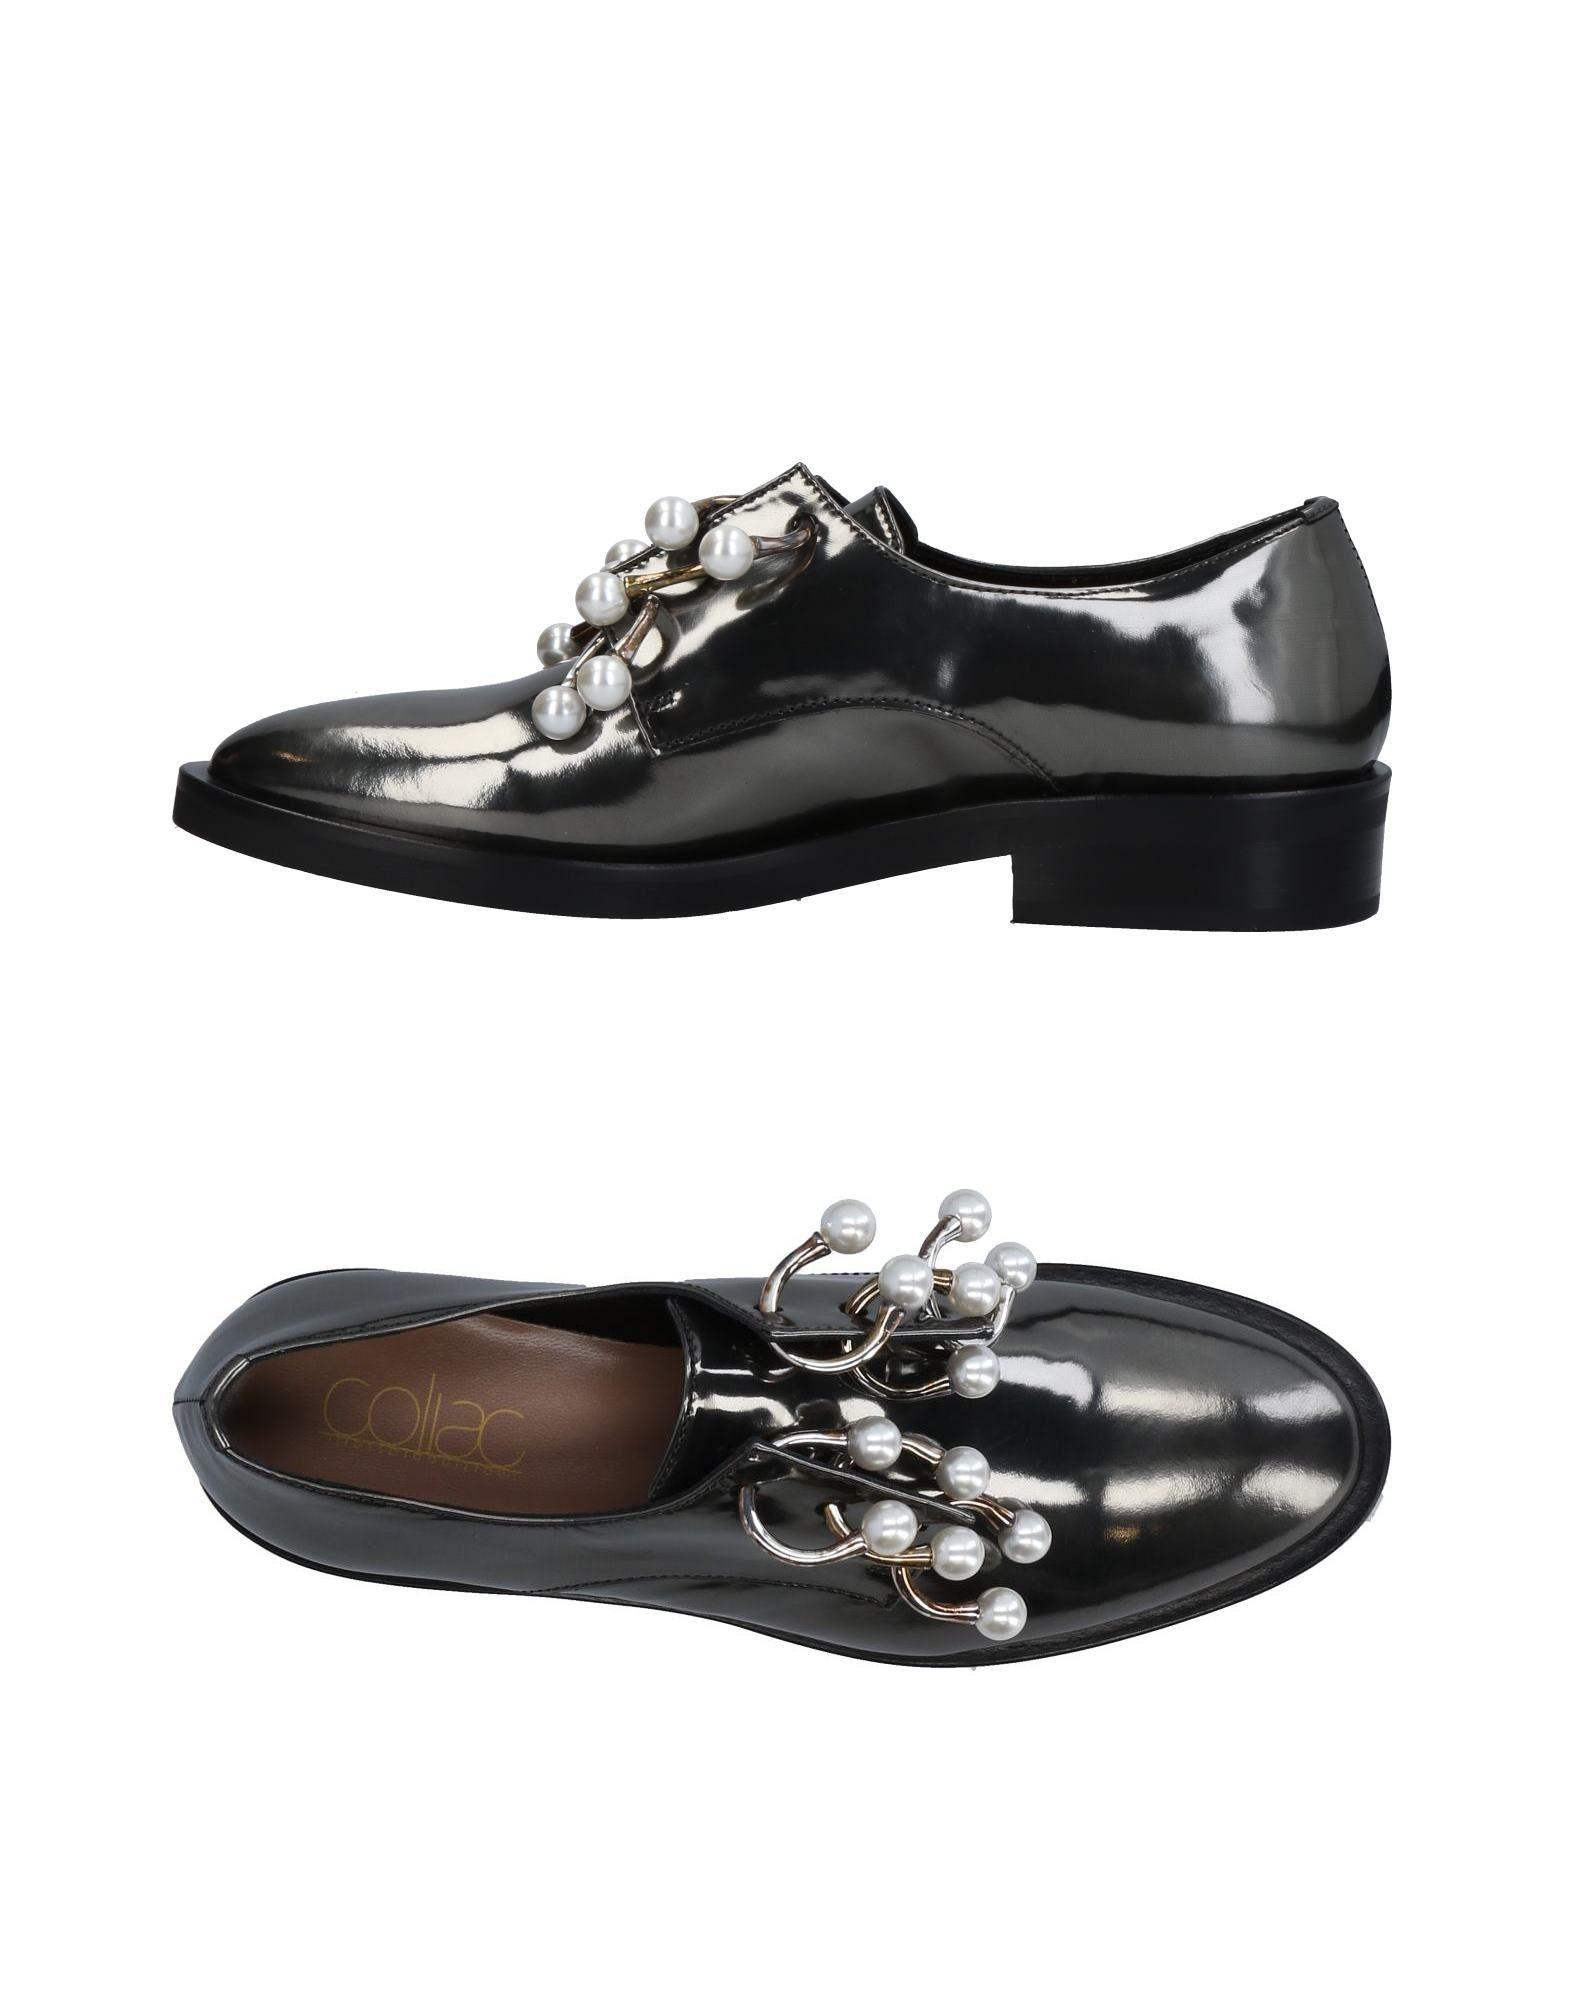 Coliac Martina Grasselli Mokassins Damen  11460016URGünstige gut aussehende Schuhe